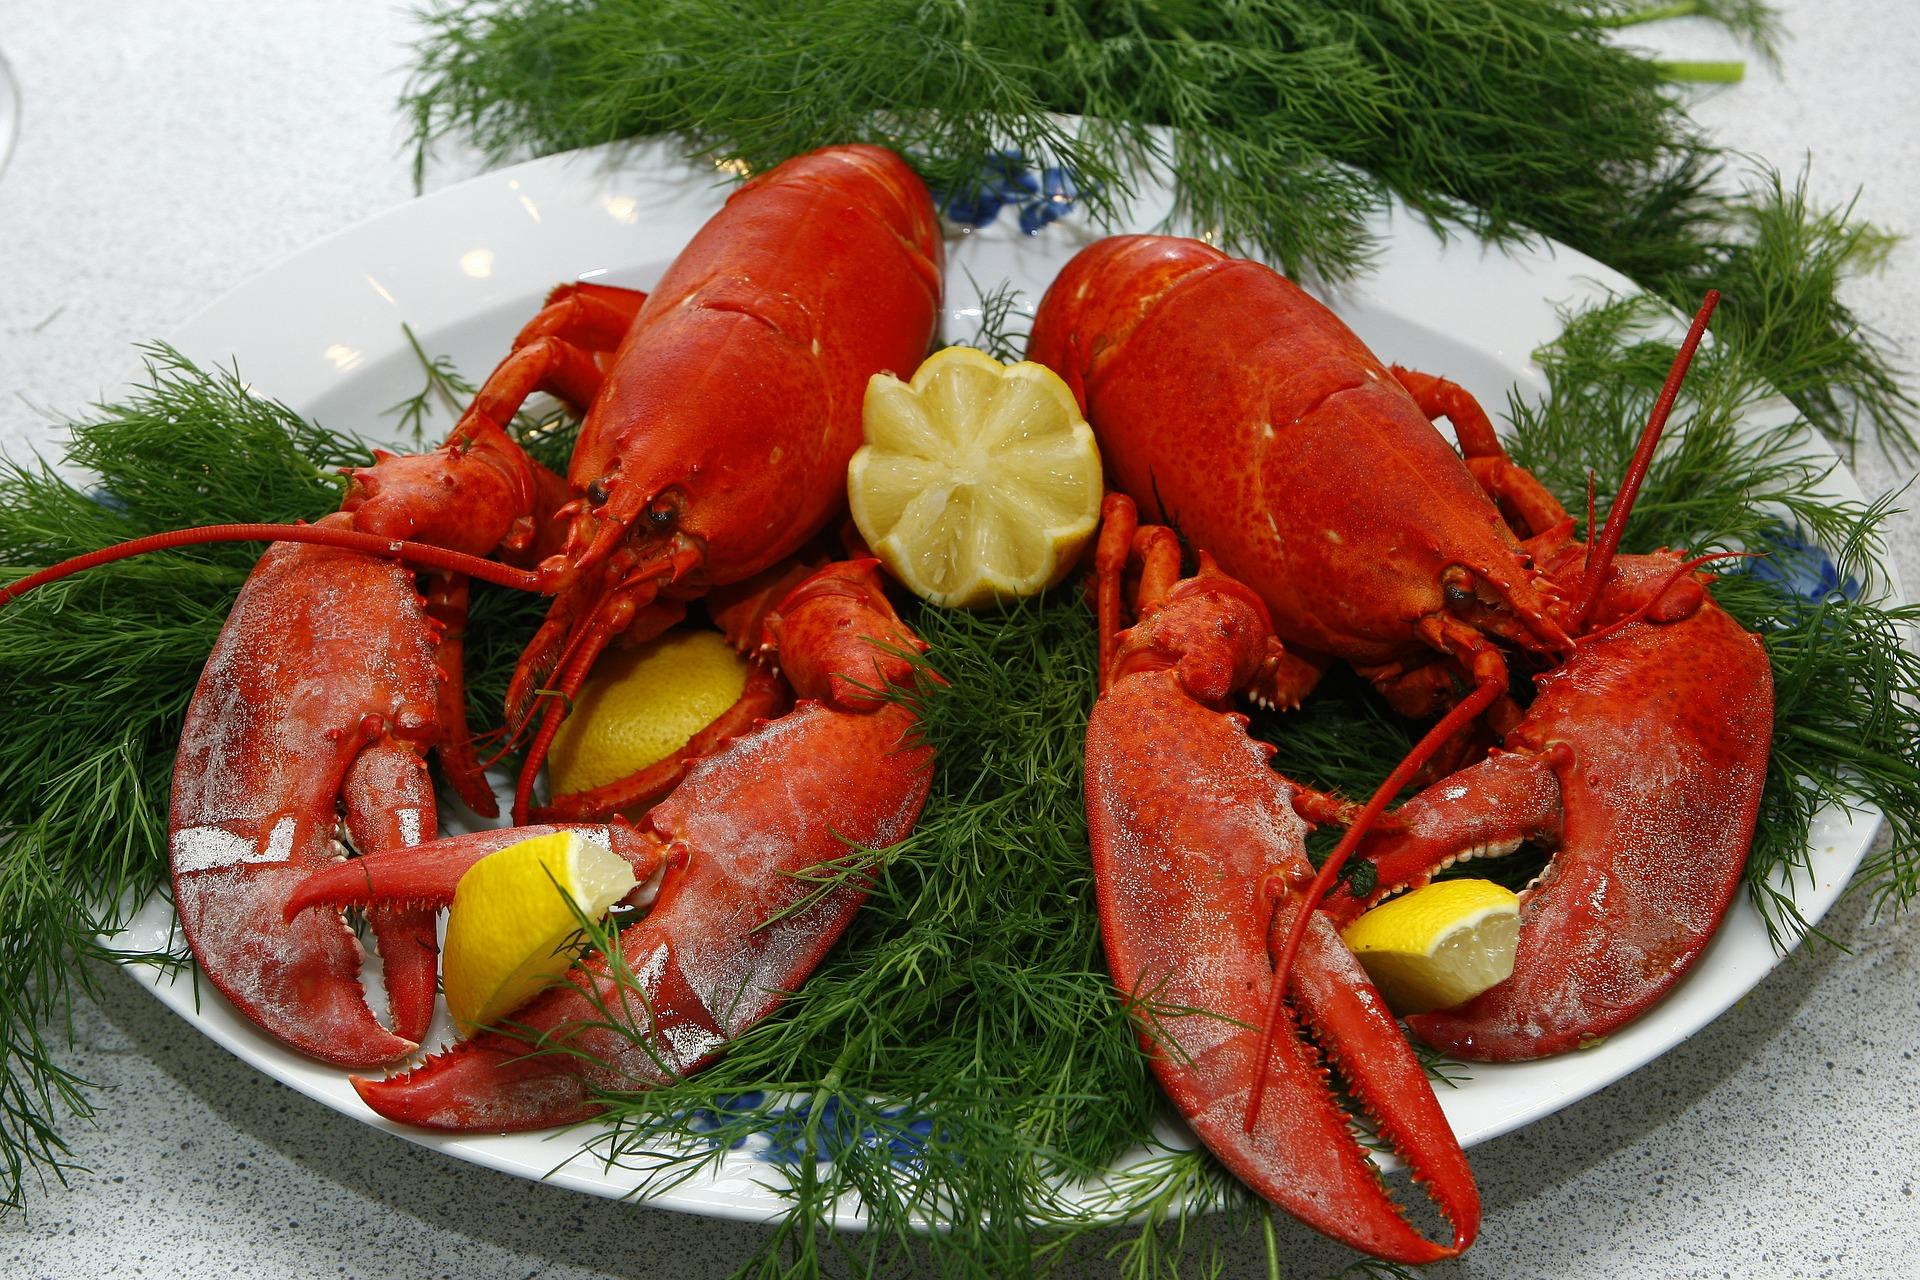 lobster-1608440_1920.jpg